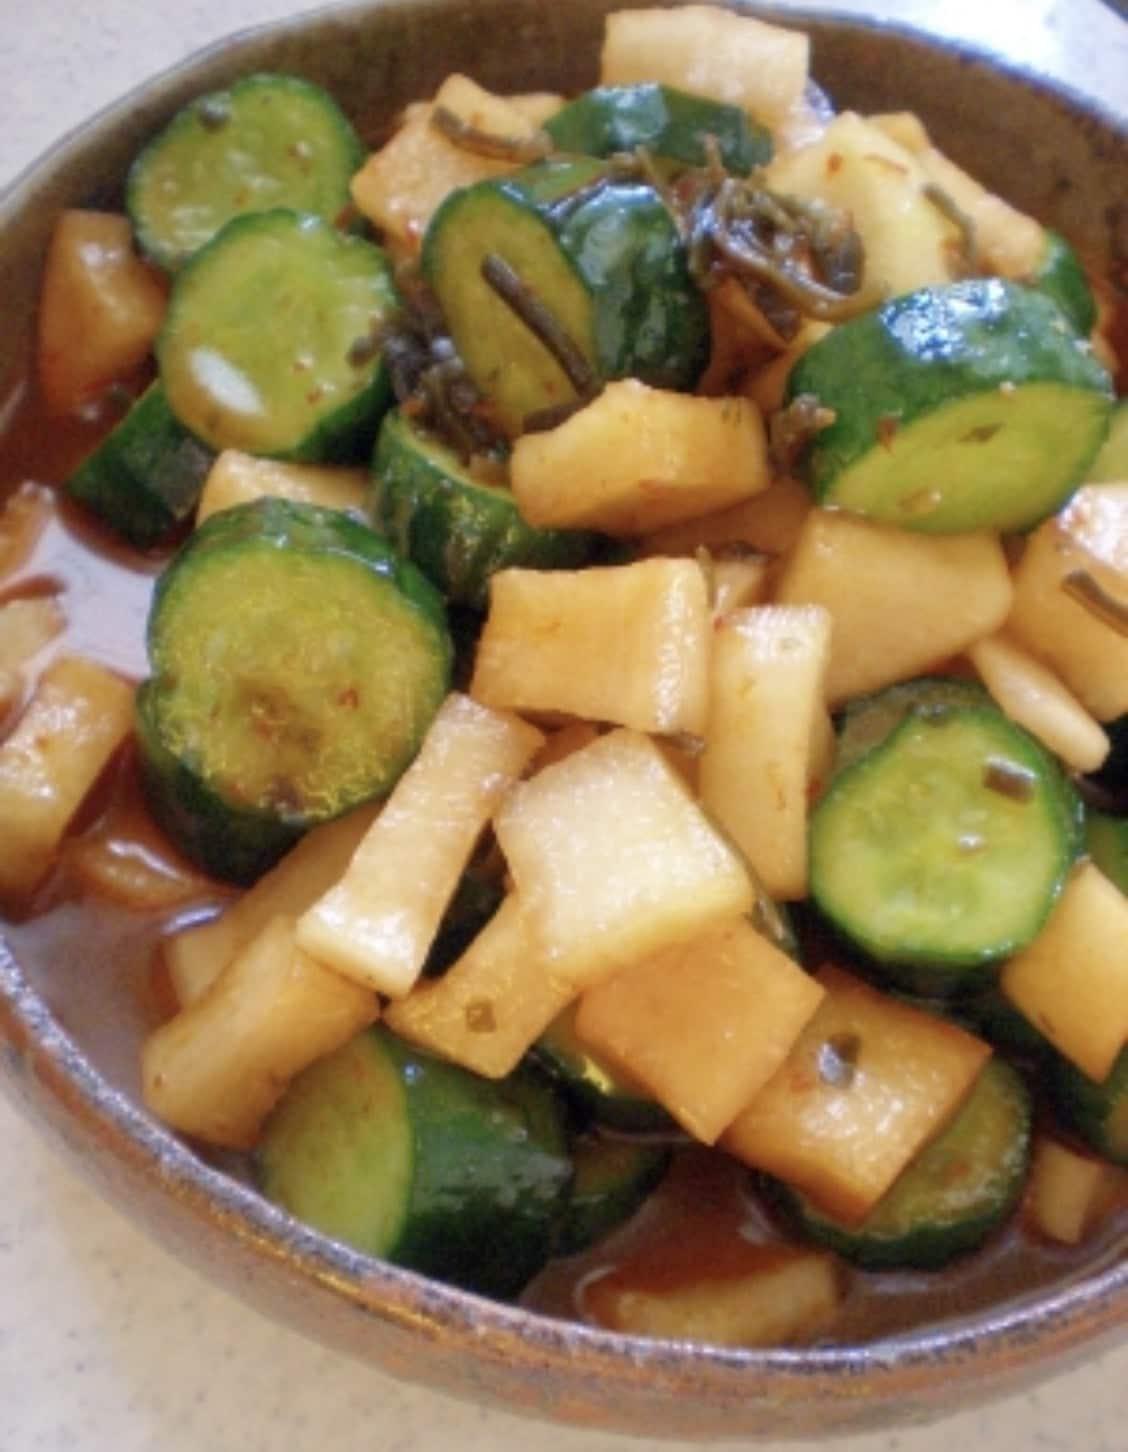 【現地払い】Hakko okazu 発酵教室 麹を使った韓国風料理 8月30日(金)午前のイメージその2